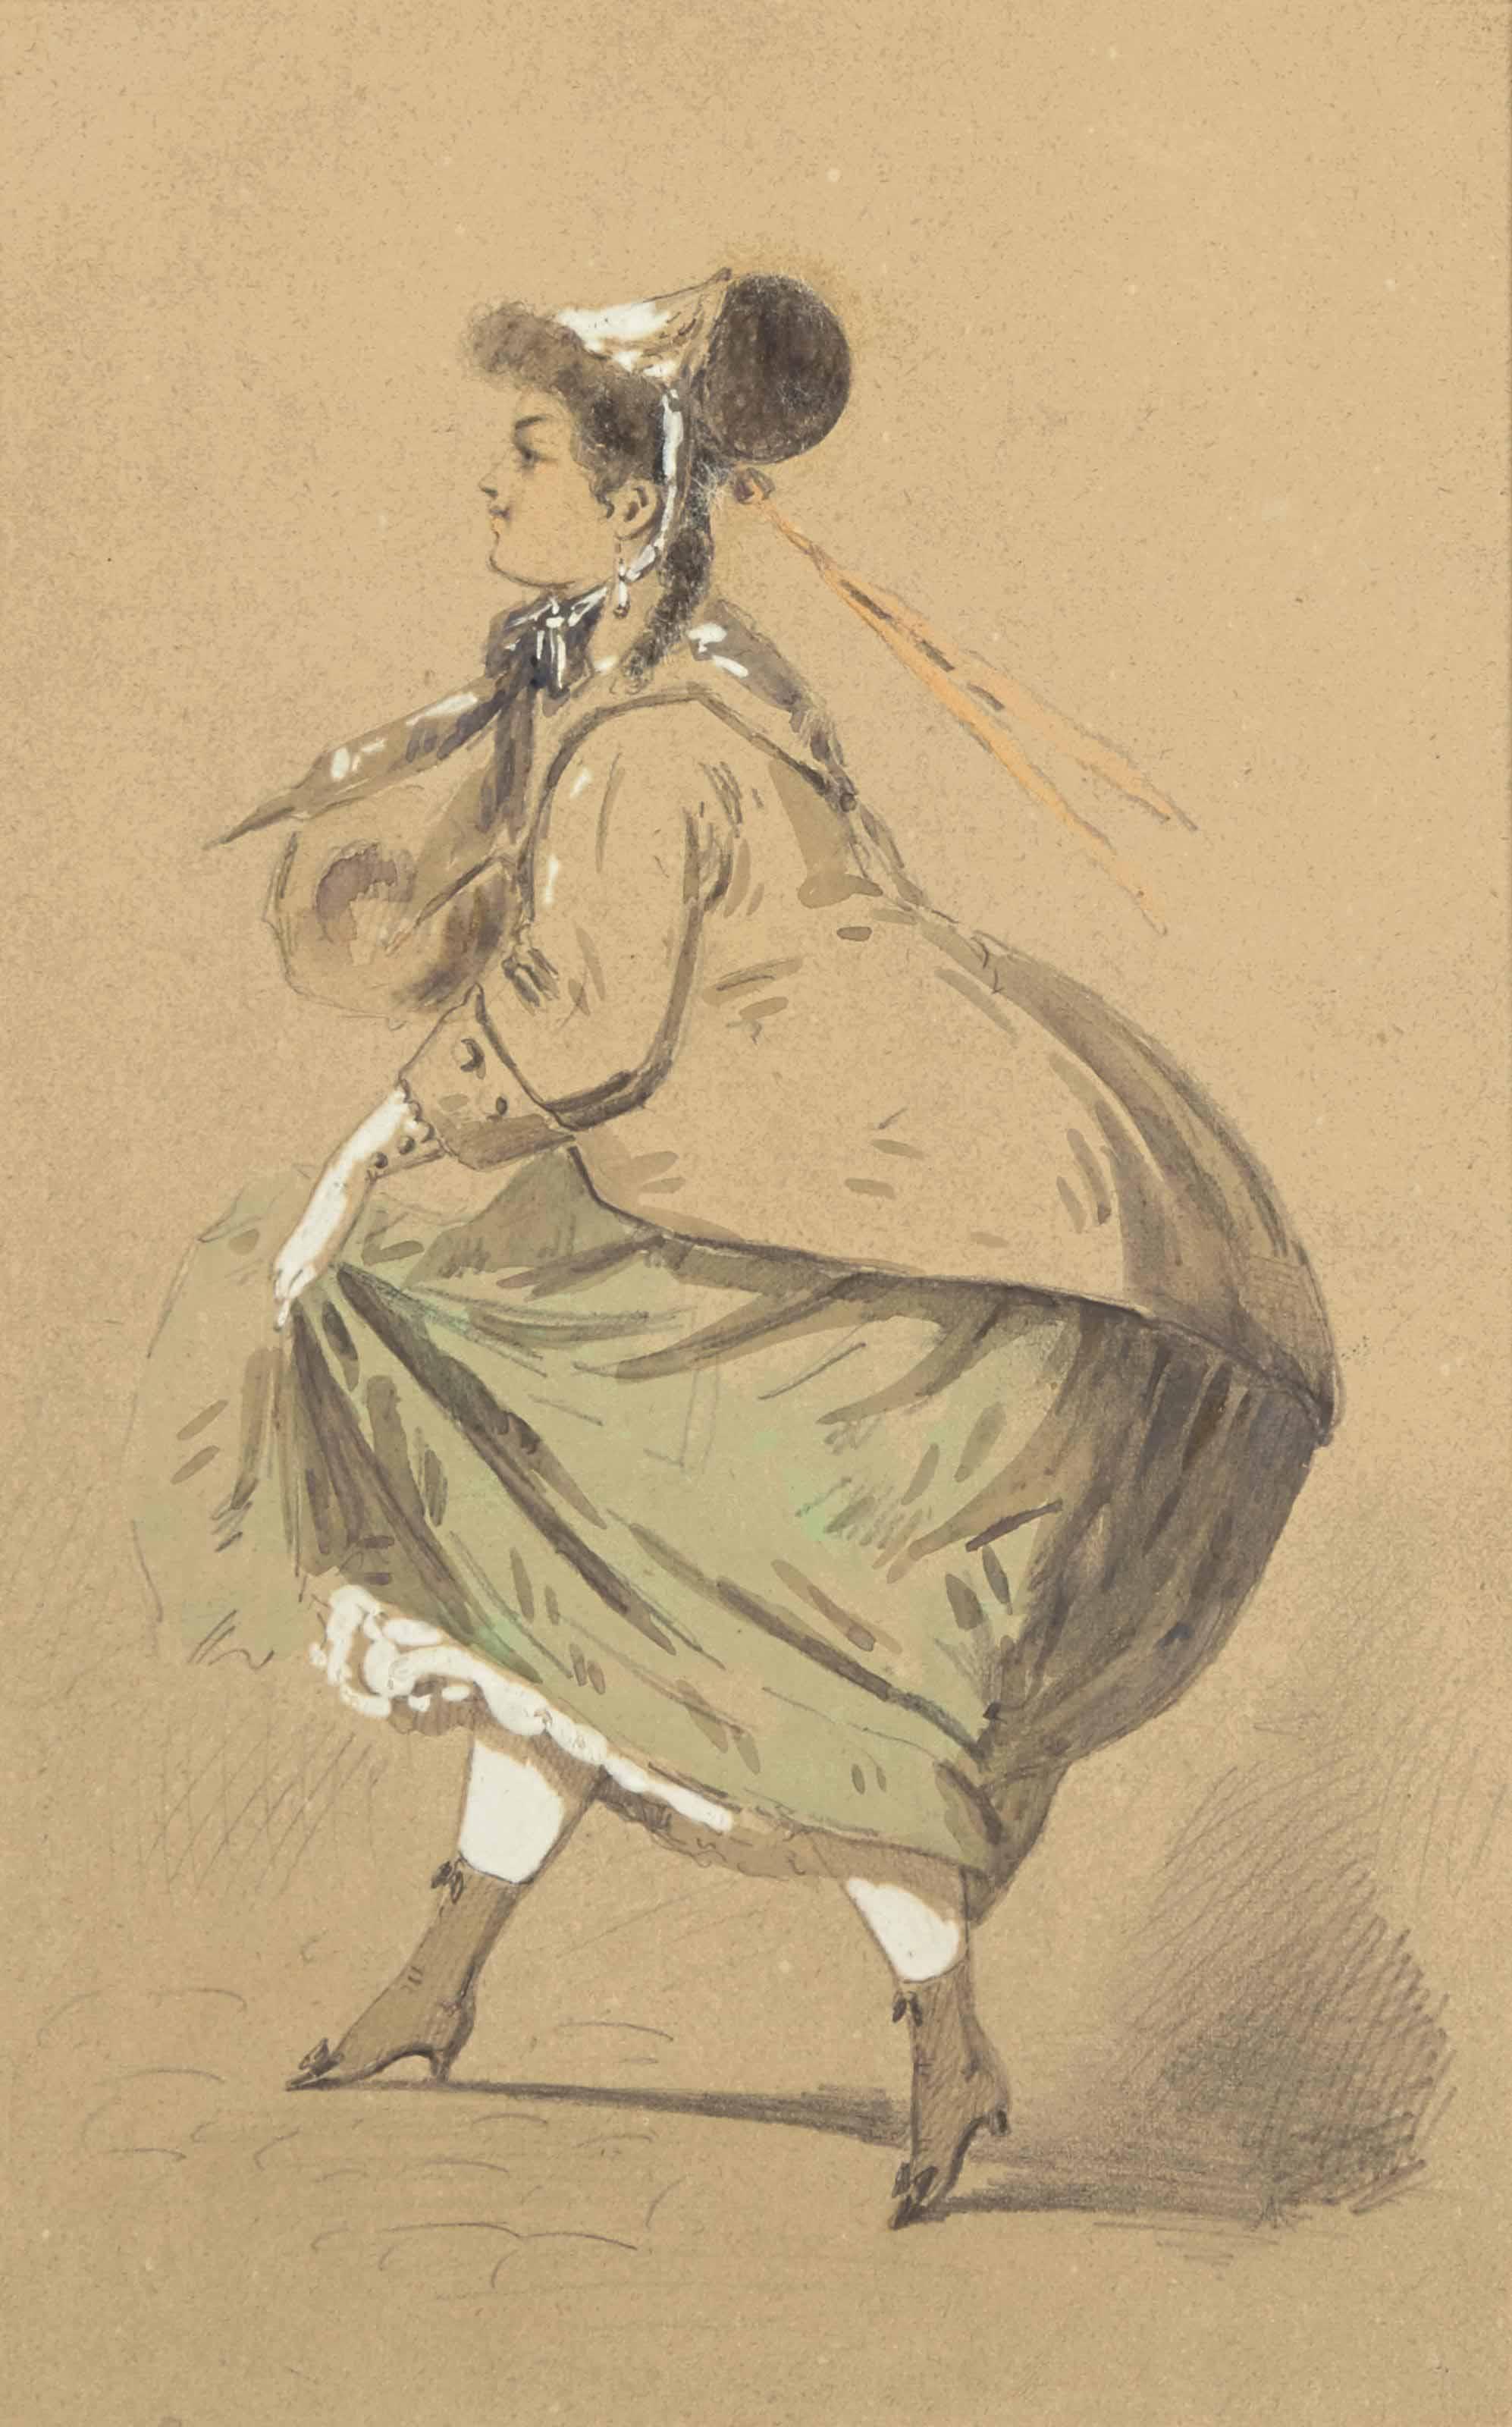 Femme caricaturée, sa jupe gonflée par le vent